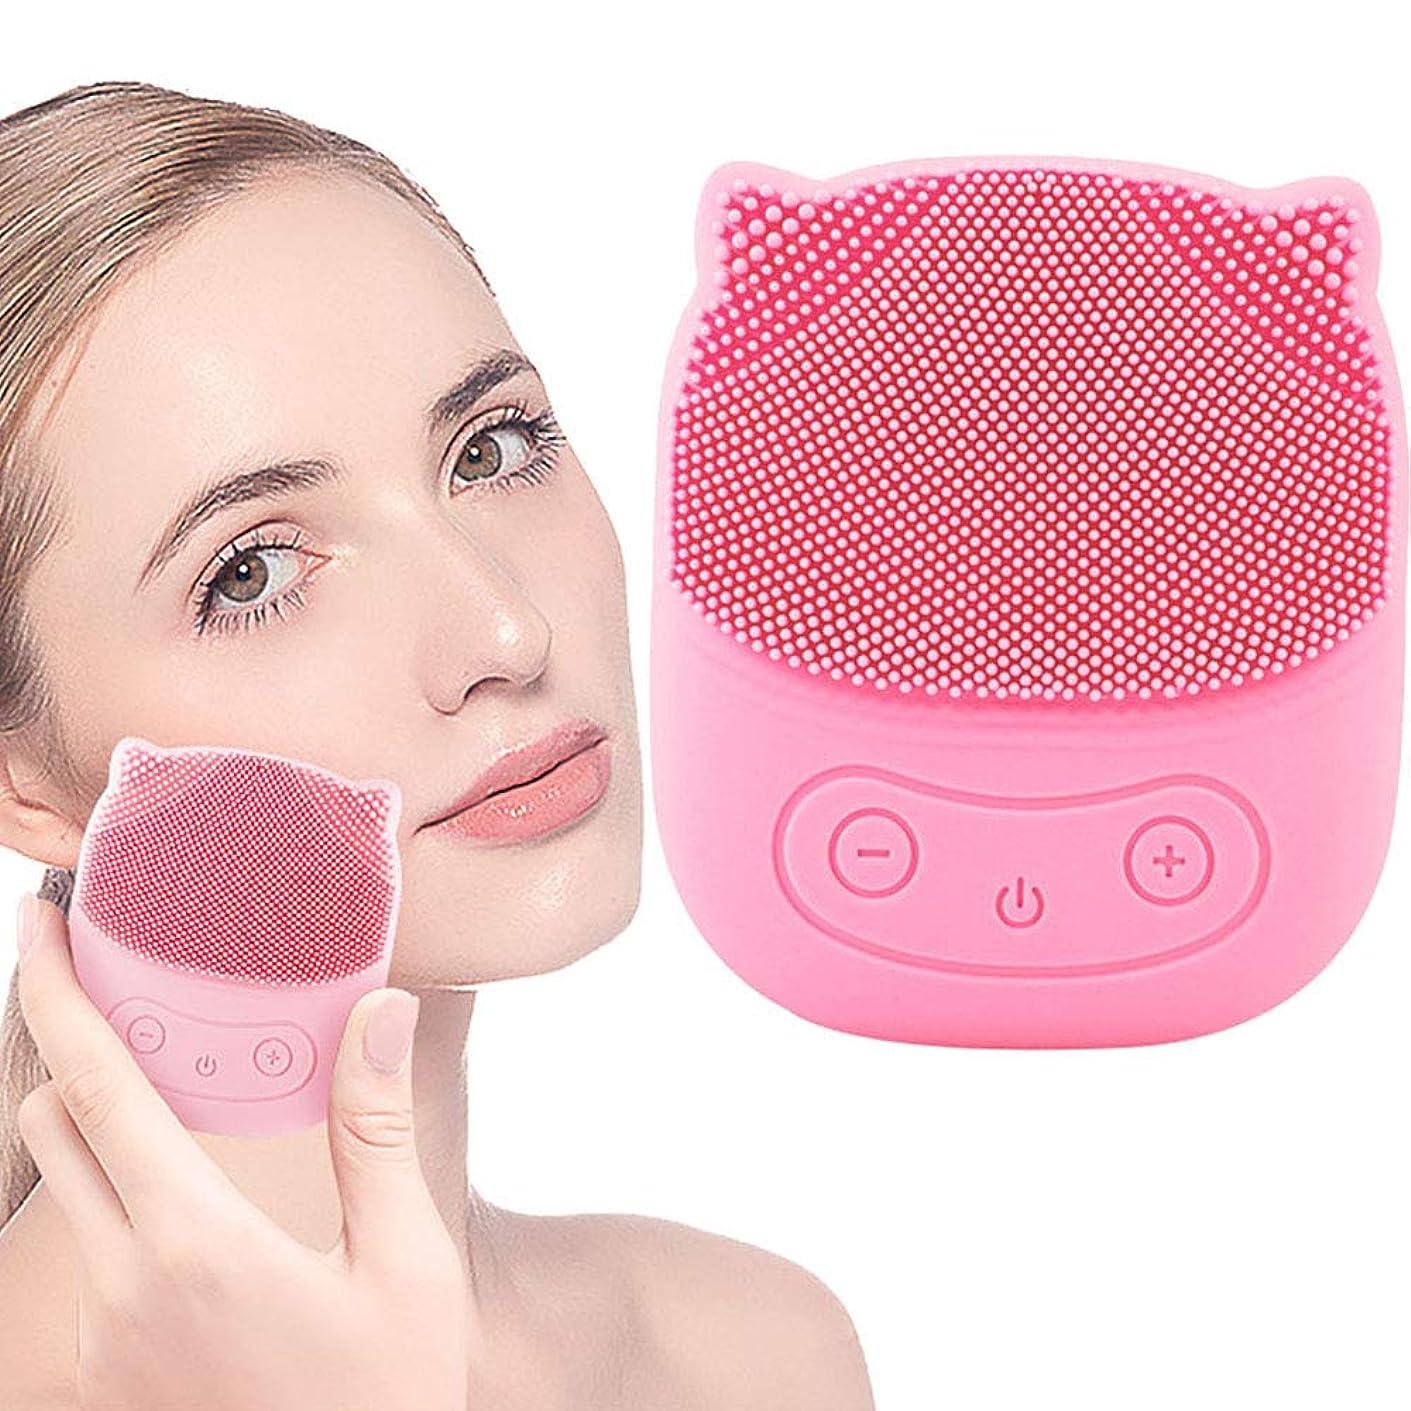 変化ファランクス迷彩電動 洗顔ブラシ 音波洗顔器 ボディブラシ USB充電式IPX7防水 シリコン洗顔とマッサージ 毛穴ケア 多機能美顔器 敏感肌 5段階強度調節 小型 男女兼用 [ピンク](USBケーブル付属)